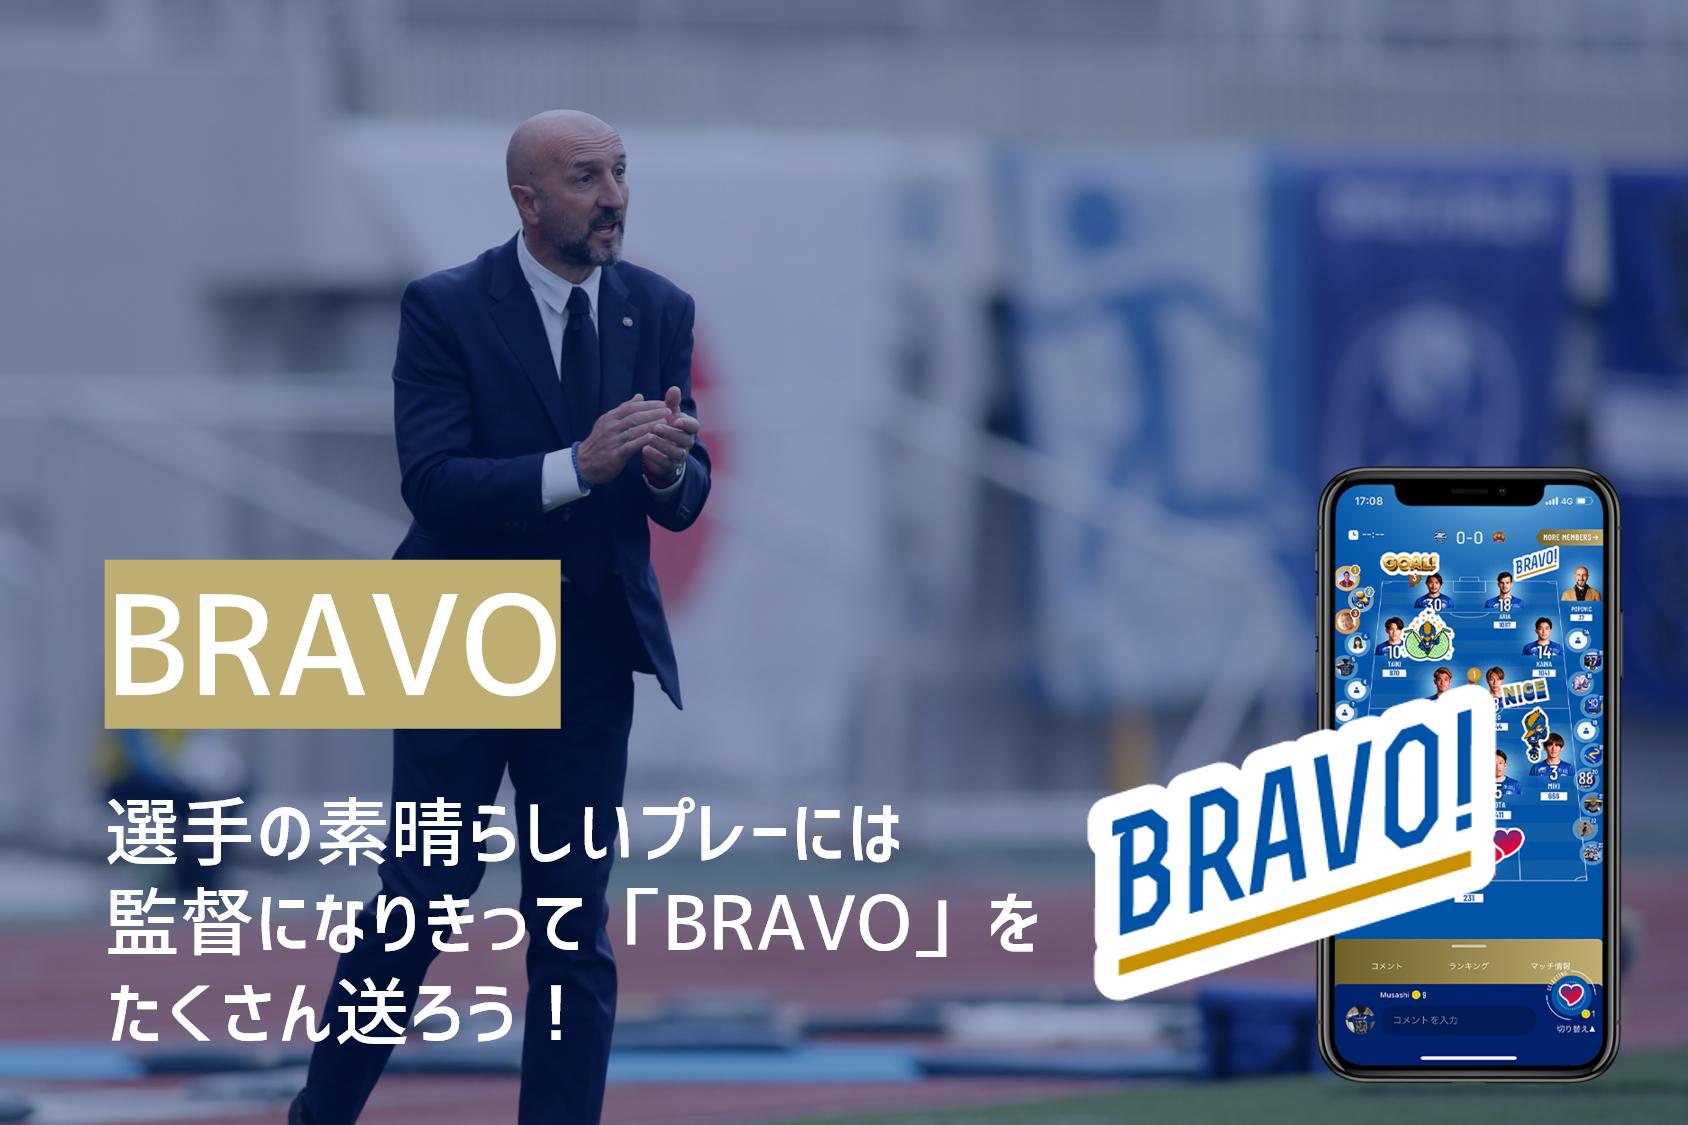 サポートアイテム 「BRAVO」の説明画像